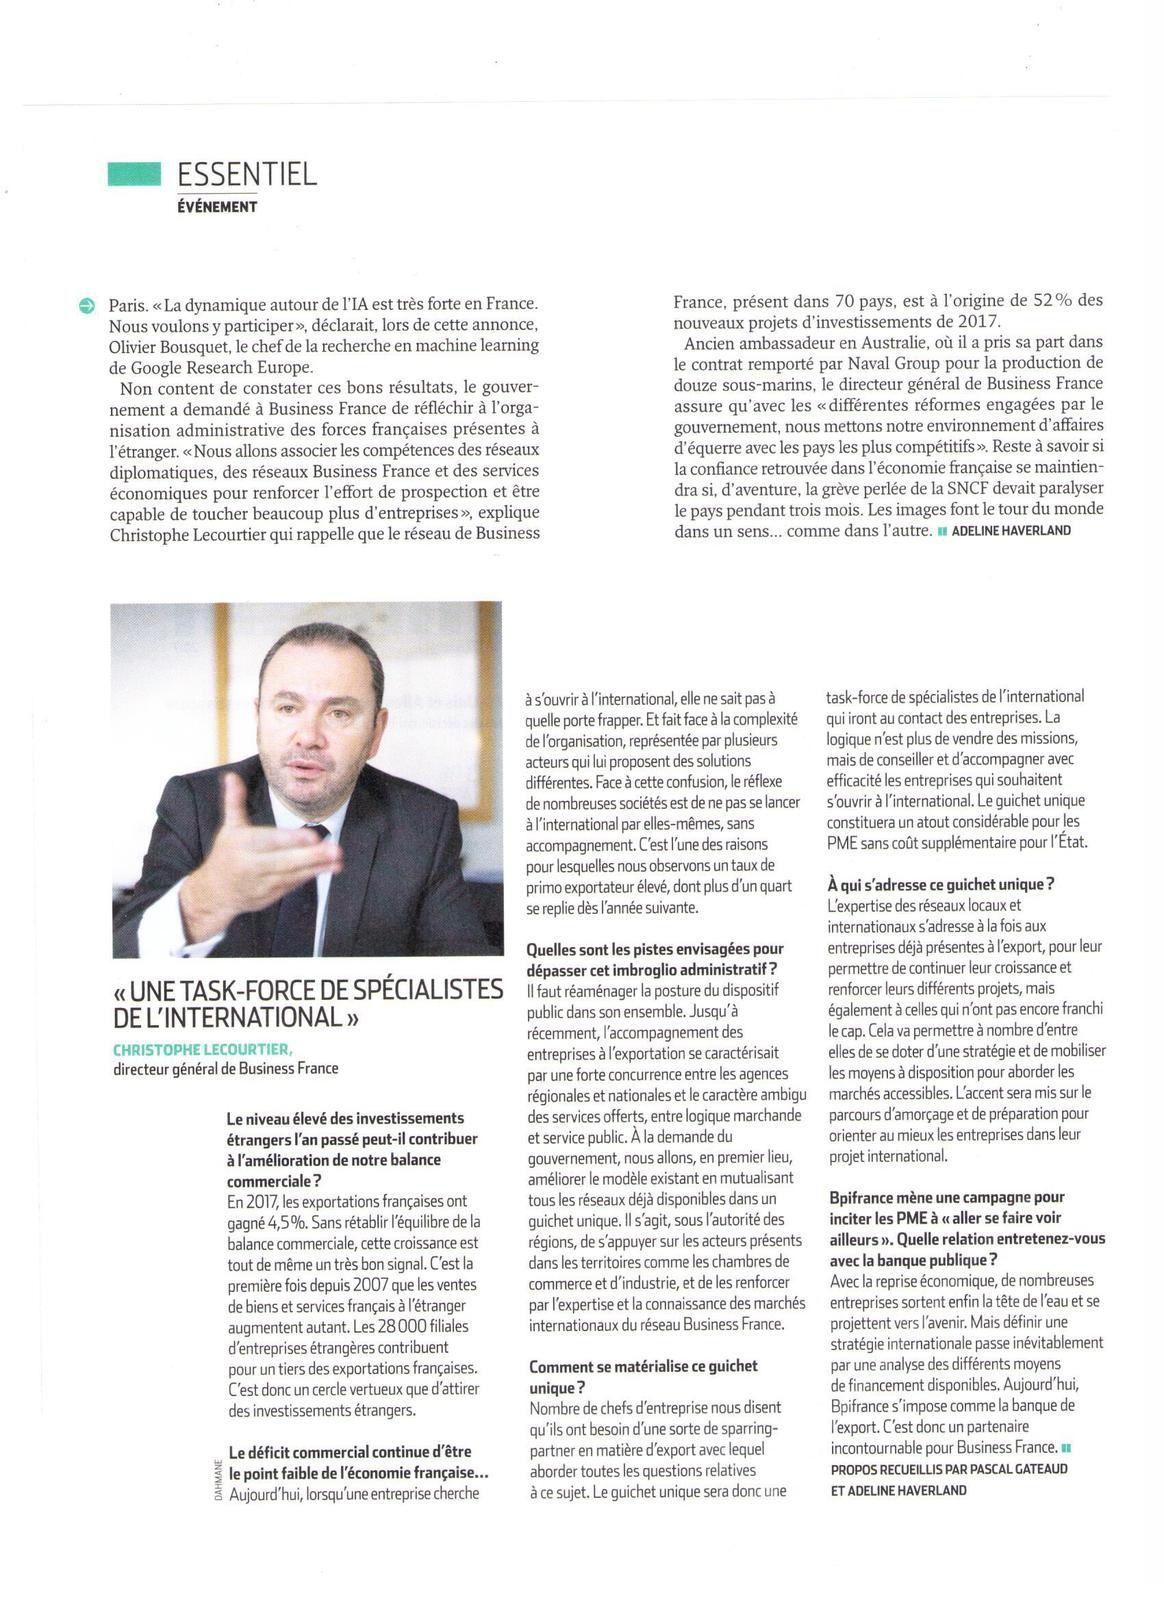 Vu et lu dans l'Usine Nouvelle n° 3557 du 05/04/18